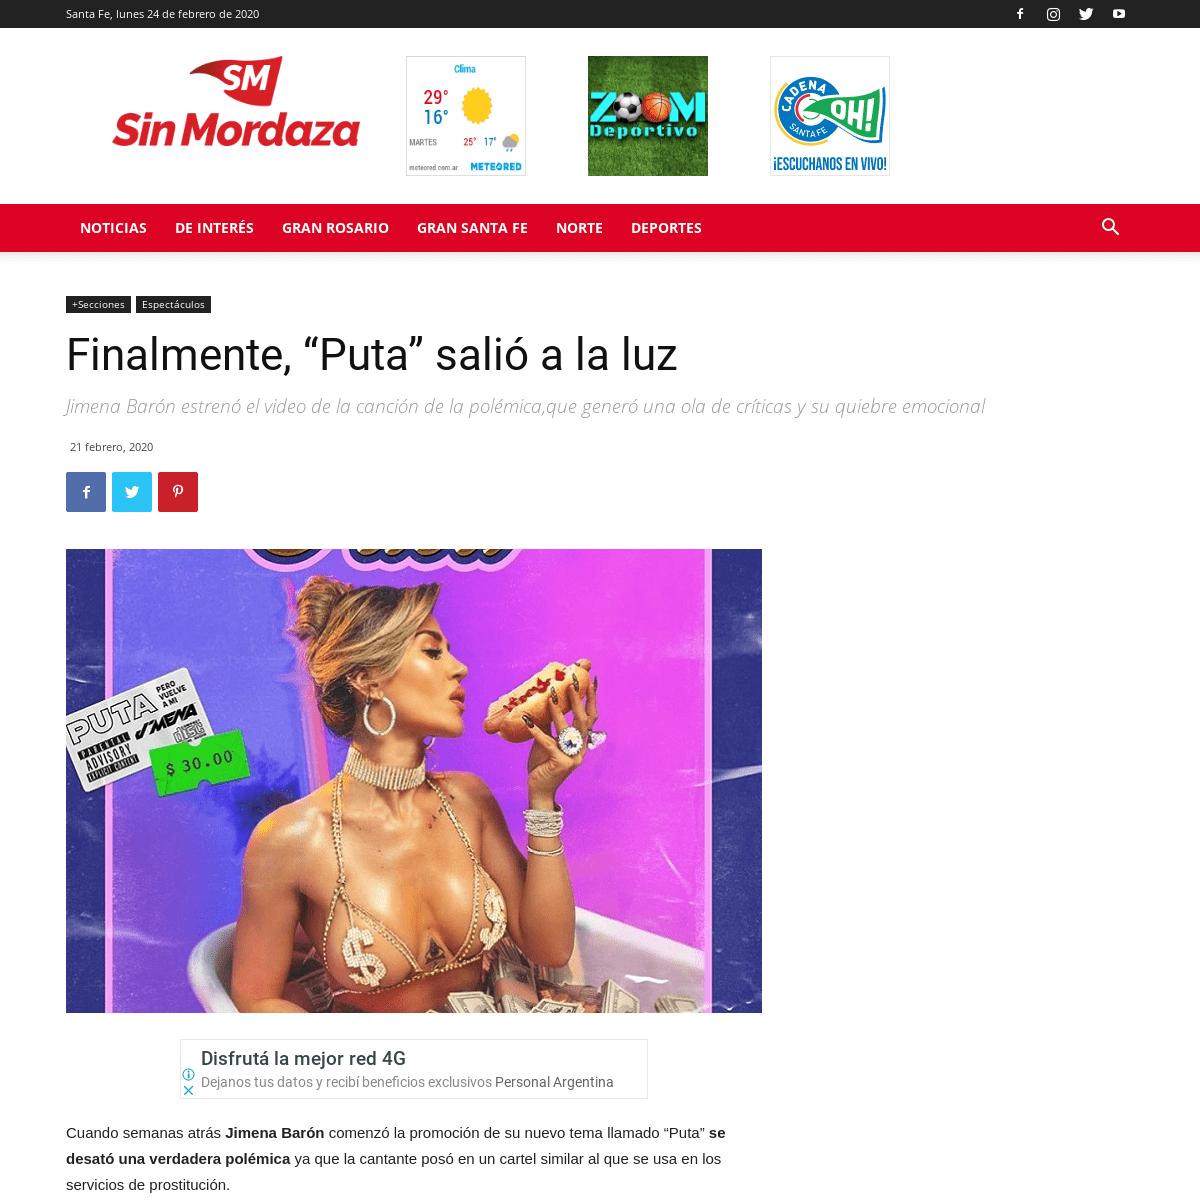 ArchiveBay.com - sinmordaza.com/noticia/811483-finalmente-puta-salio-a-la-luz.html - Finalmente, -Puta- salió a la luz - Sin Mordaza